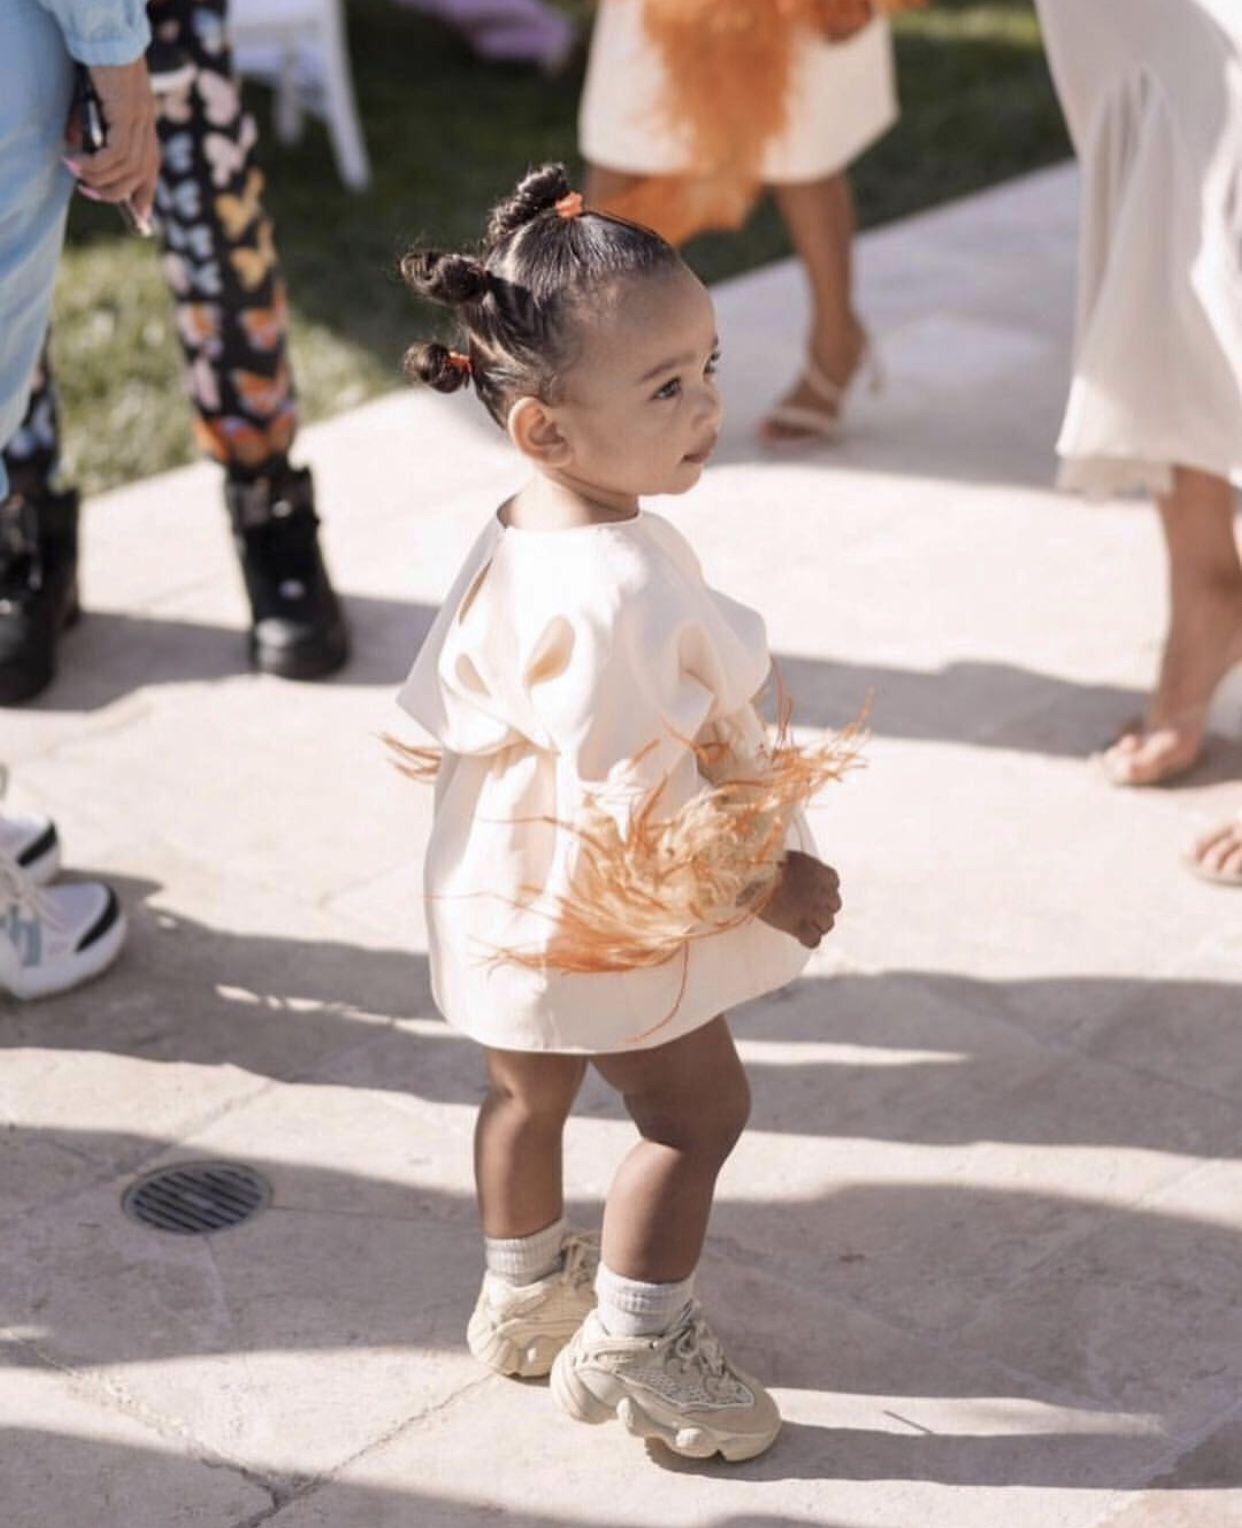 Pin By Leah Sliwinski On Kardashian Kids Kardashian Kids Baby Girl Fashion Baby Fashion